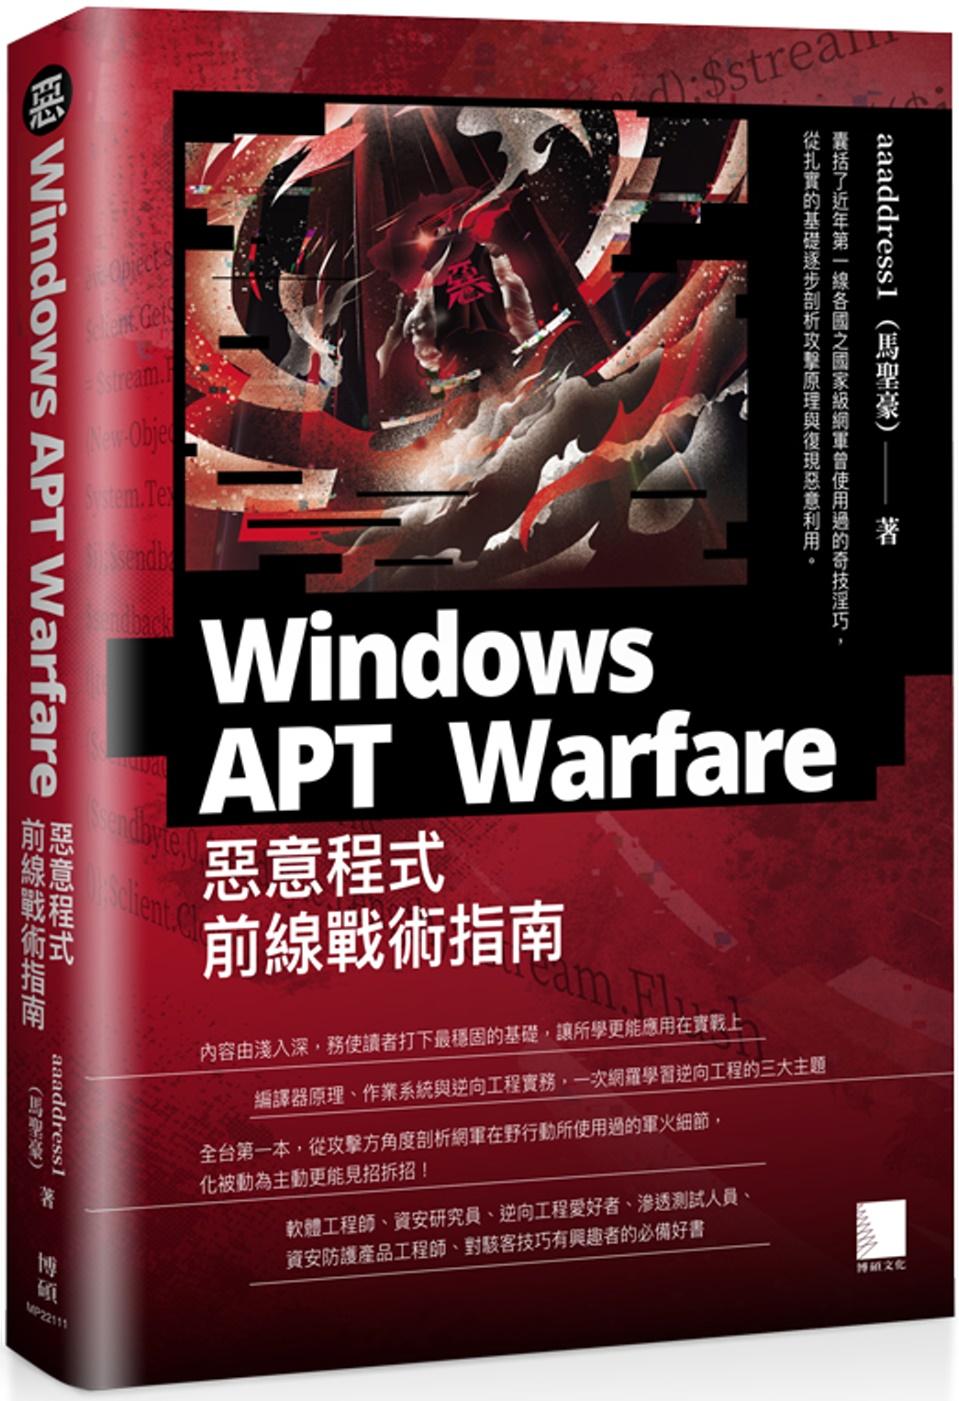 Windows APT War...